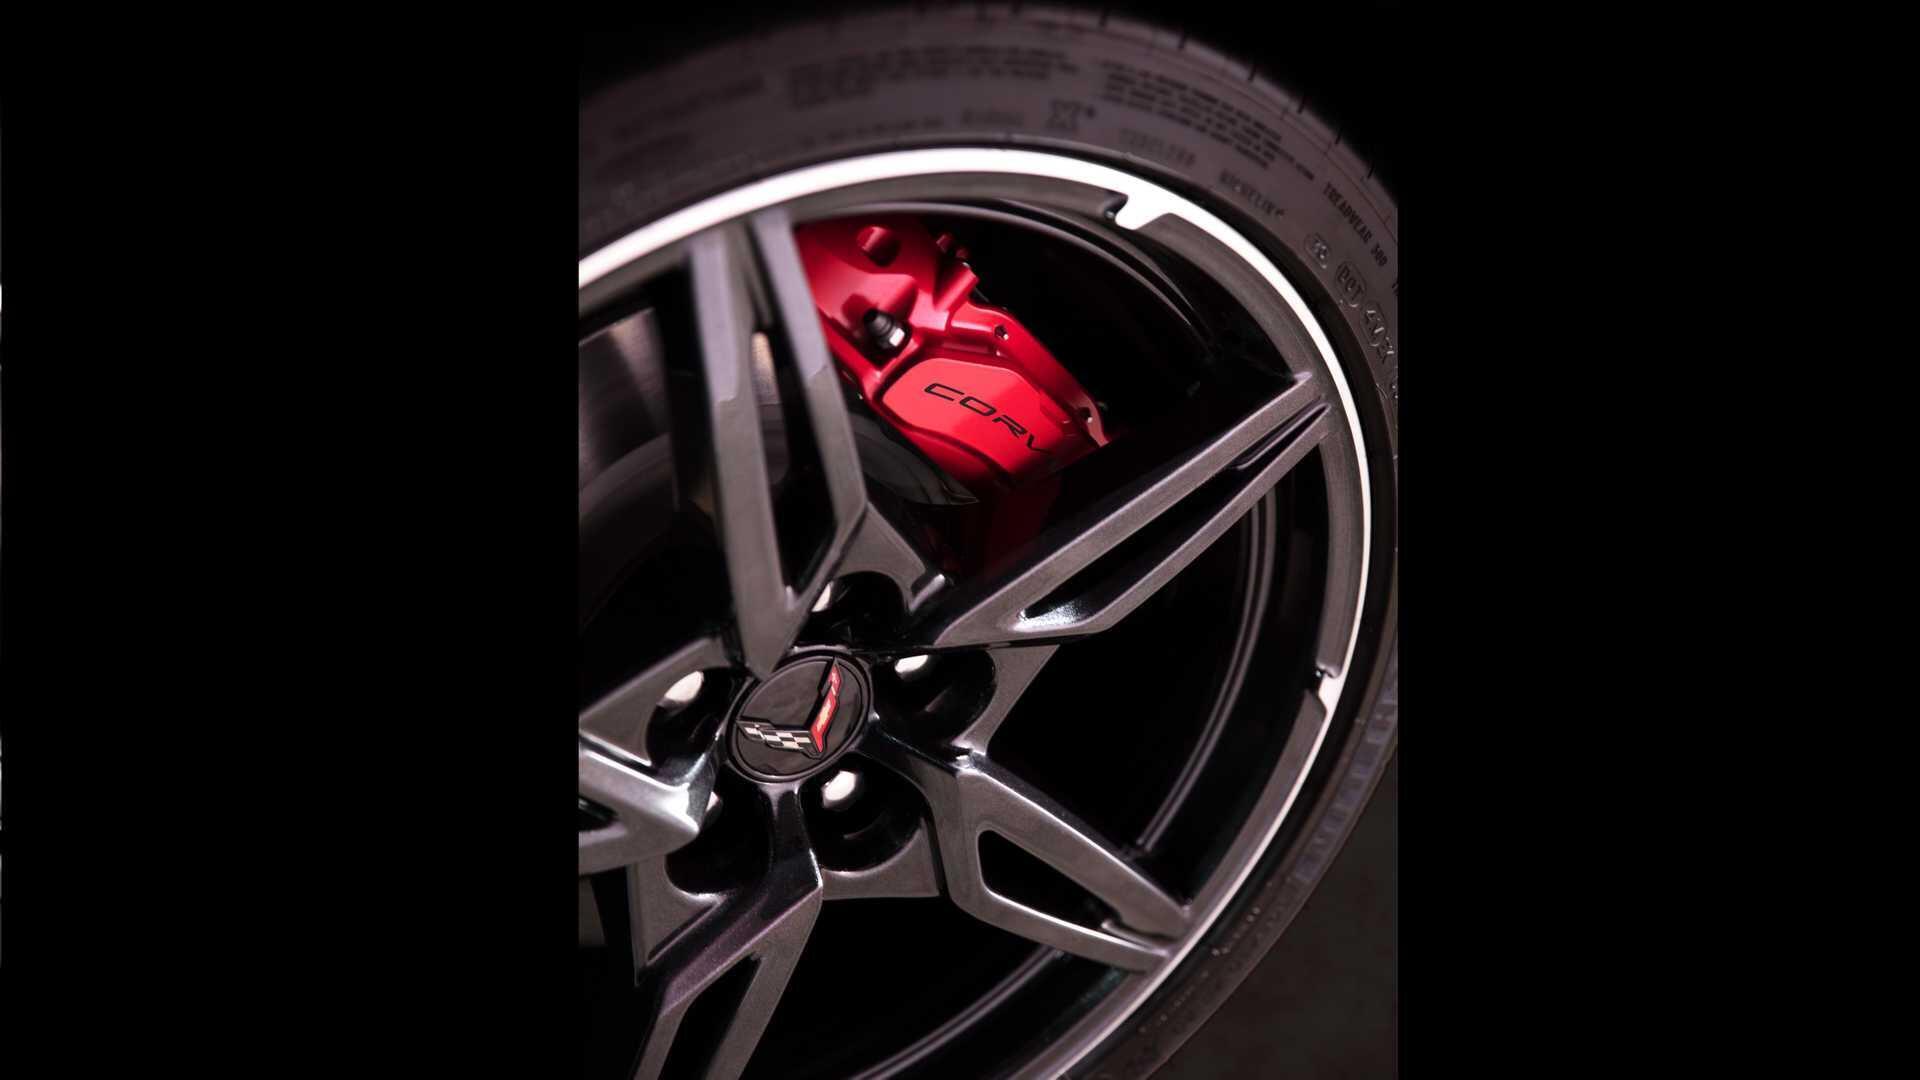 https://cdn.dailyxe.com.vn/image/chevrolet-corvette-2020-co-mot-so-tinh-nang-an-tuyet-voi-66-94573j2.jpg